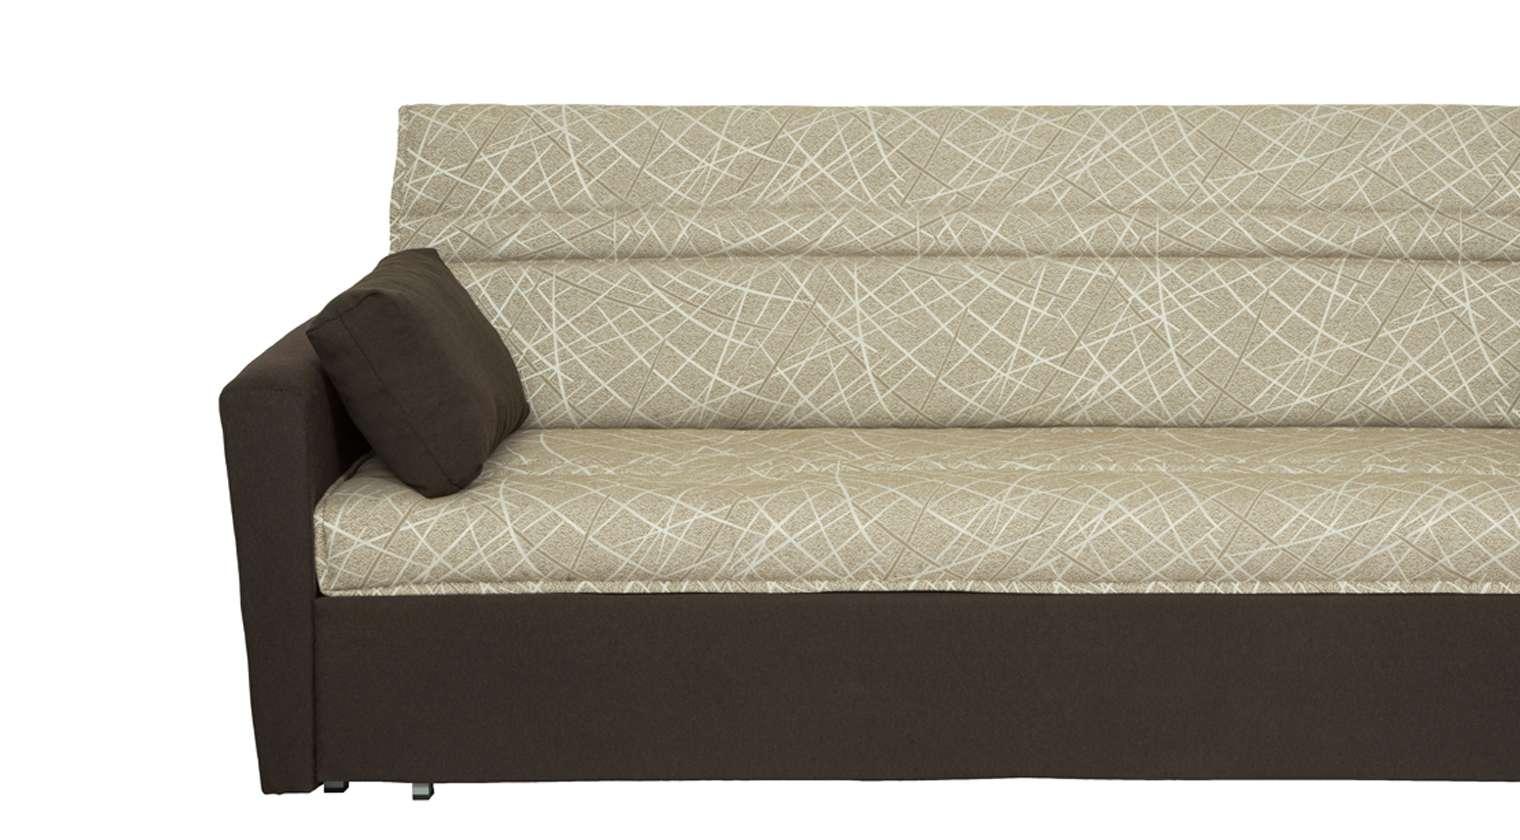 Comprar sof cama zeus sof cama 125x190 rolex alba for Sofas extensibles baratos